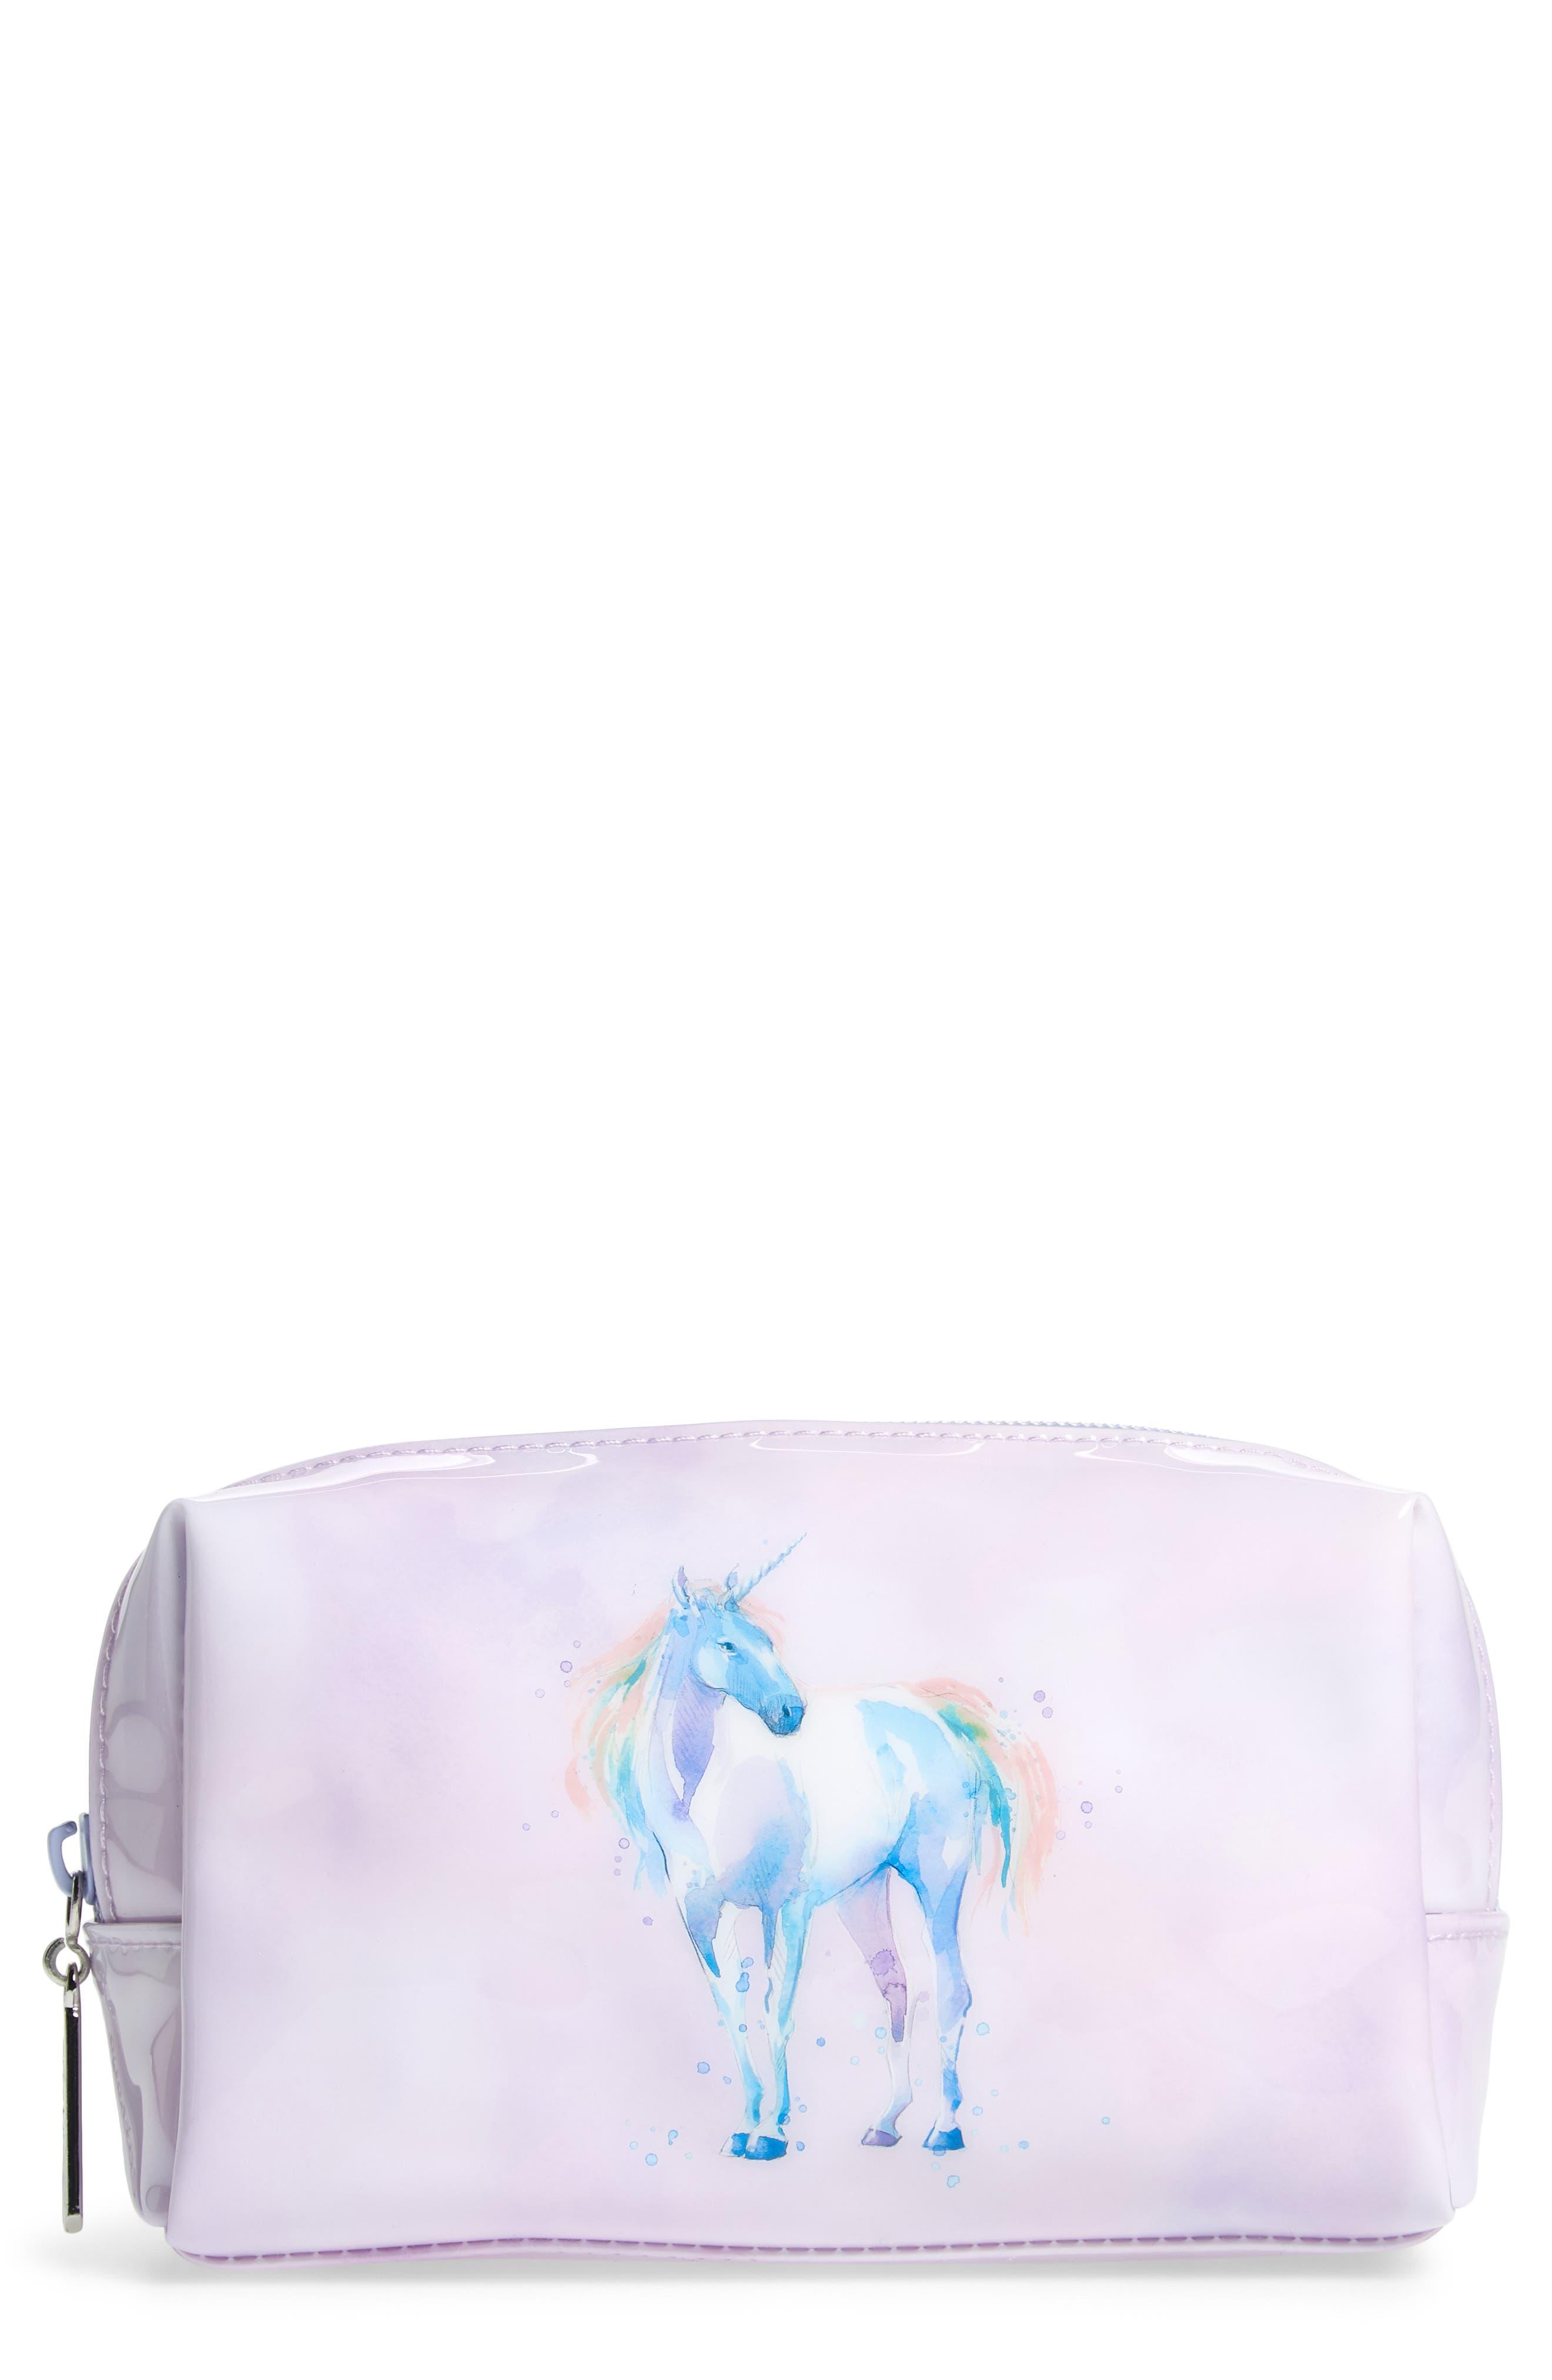 Watercolor Unicorn Cosmetics Case, Main, color, 530